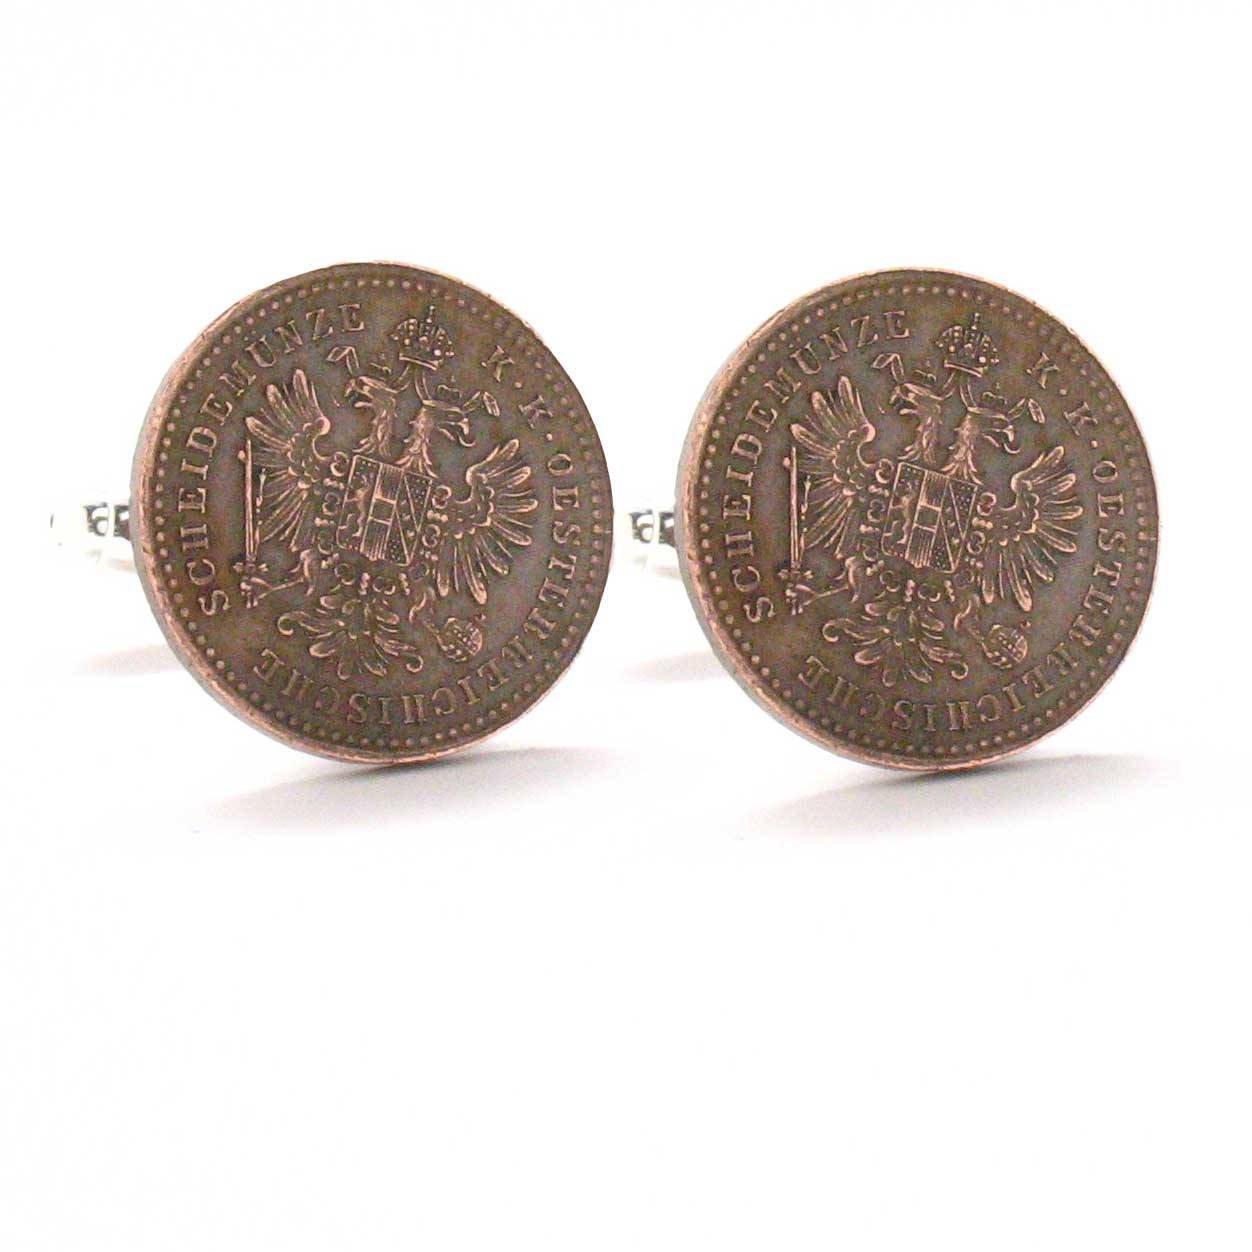 Austria Coins Cufflinks Cuff Links Europe Germany Austrian Souvenir Manschettenknöpfe Österreich Williams Manufacturing